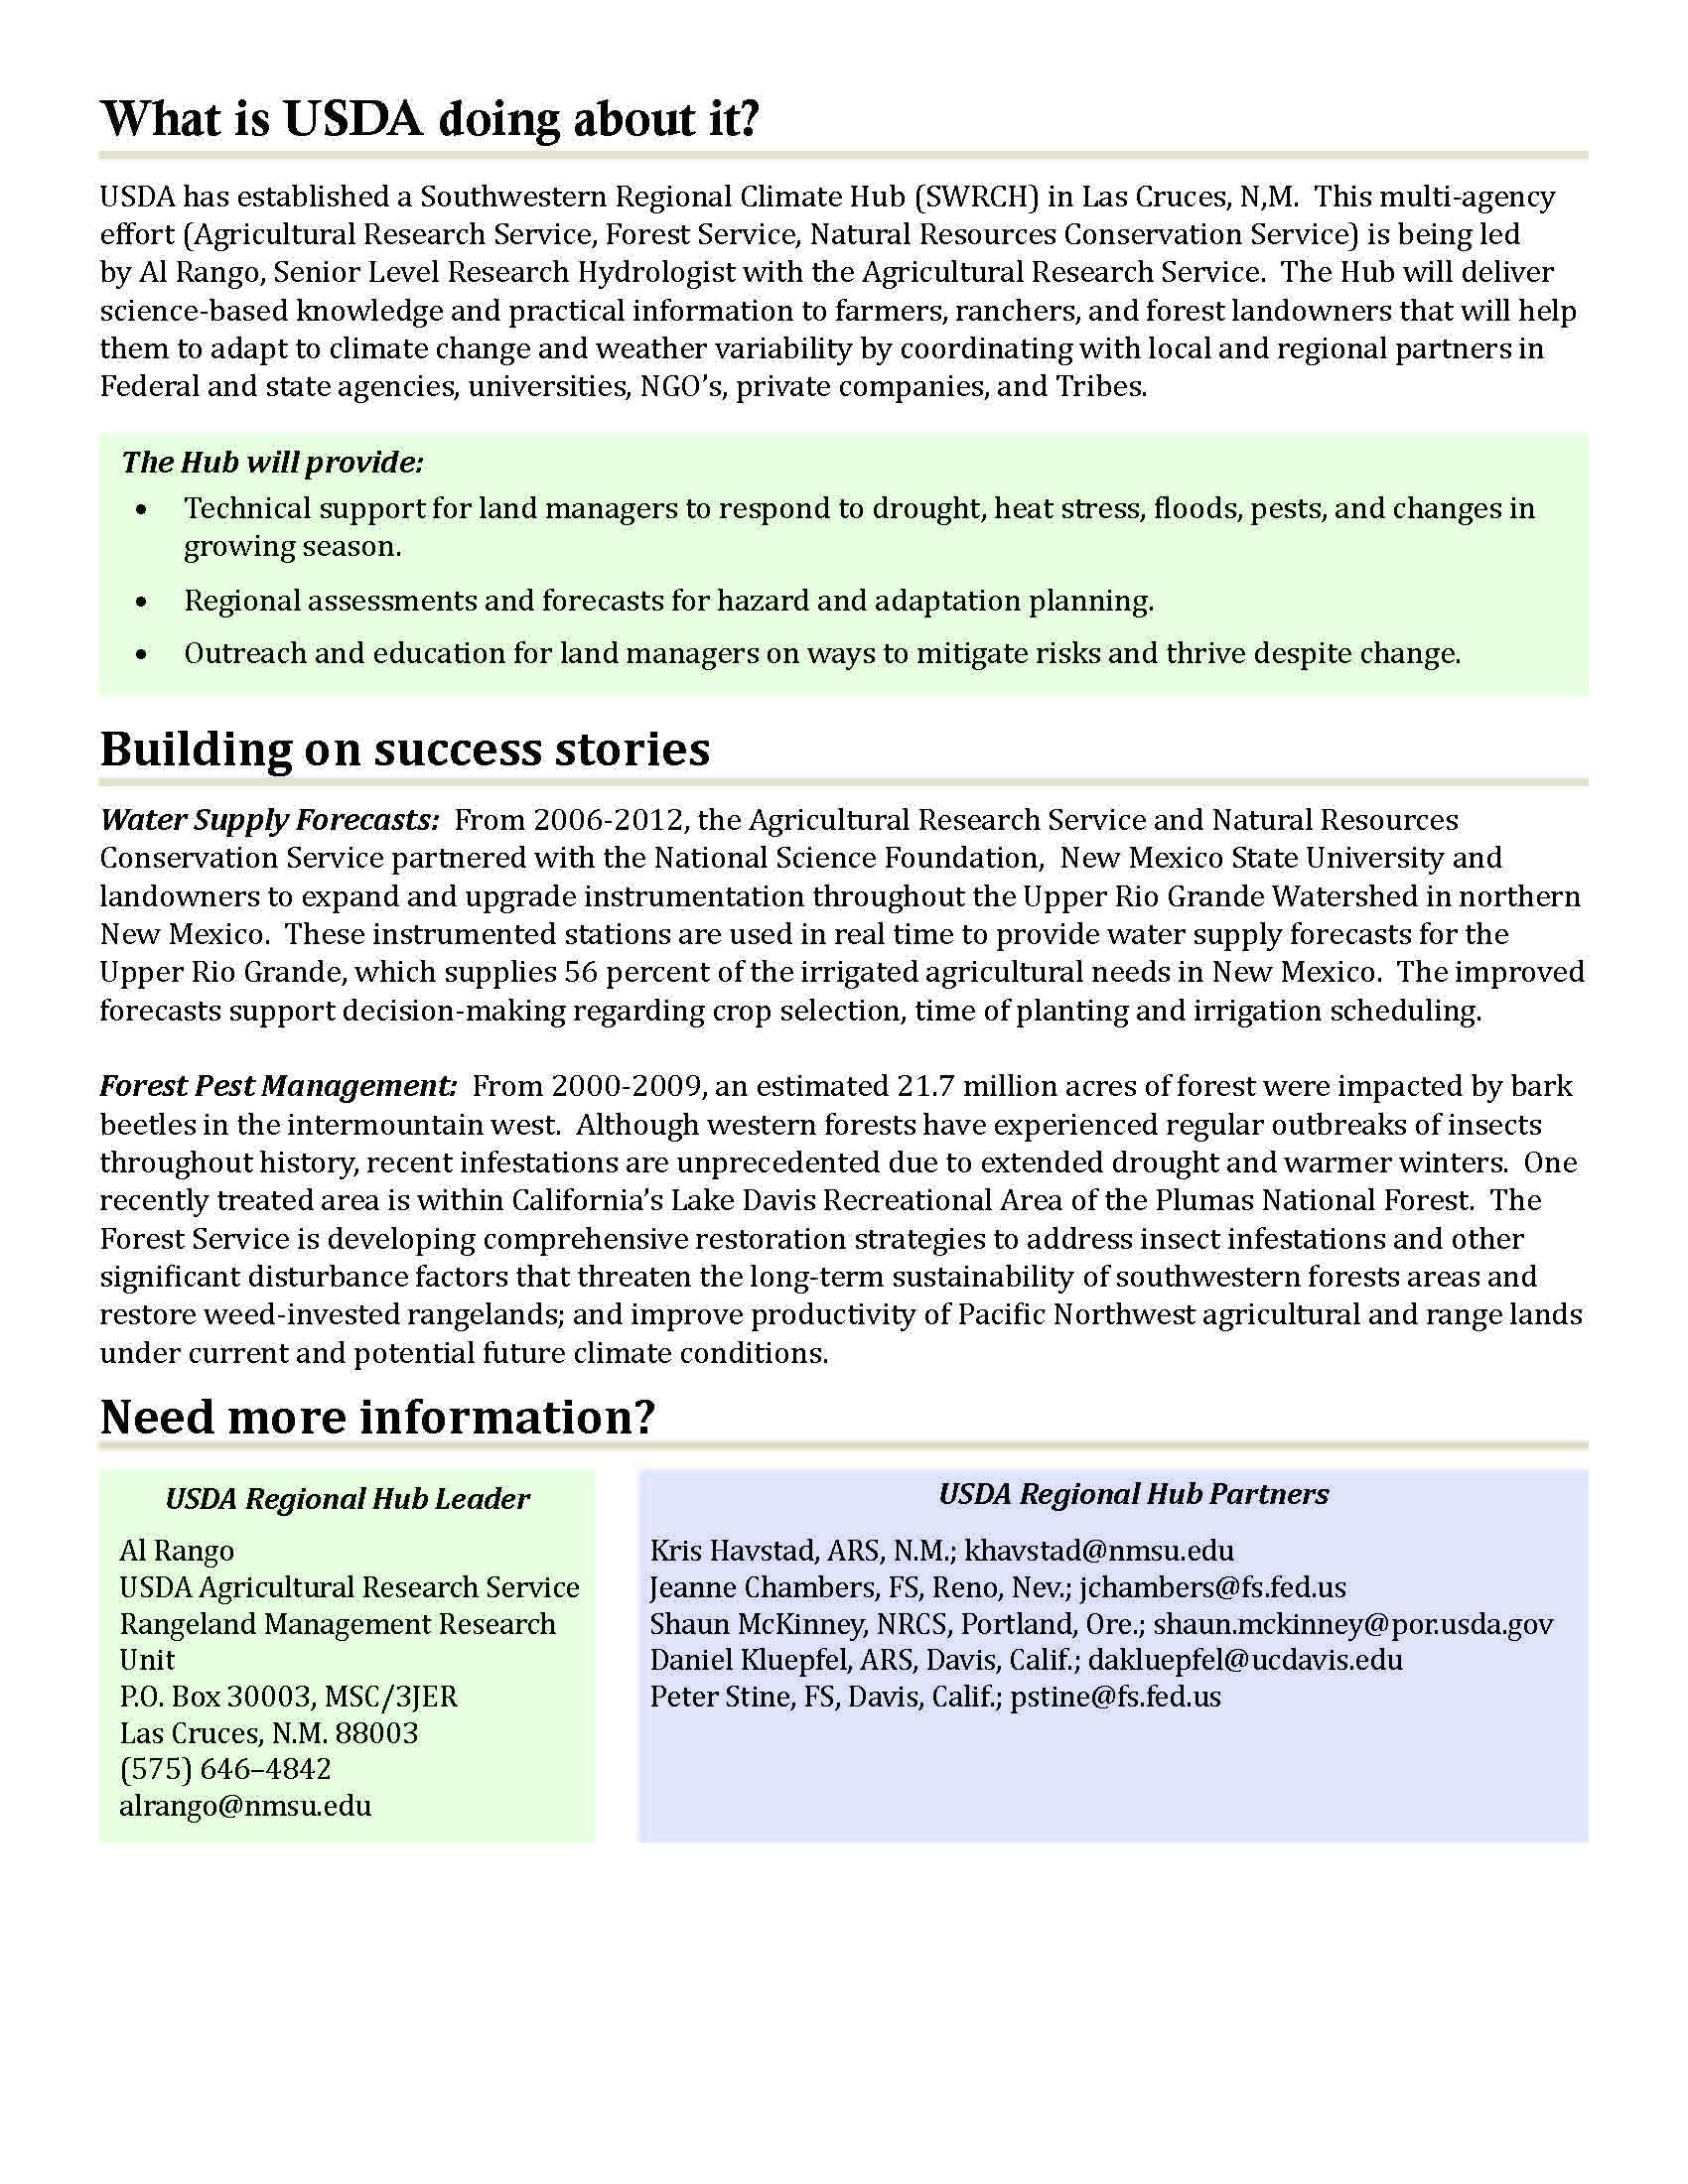 Southwest Region Fact Sheet